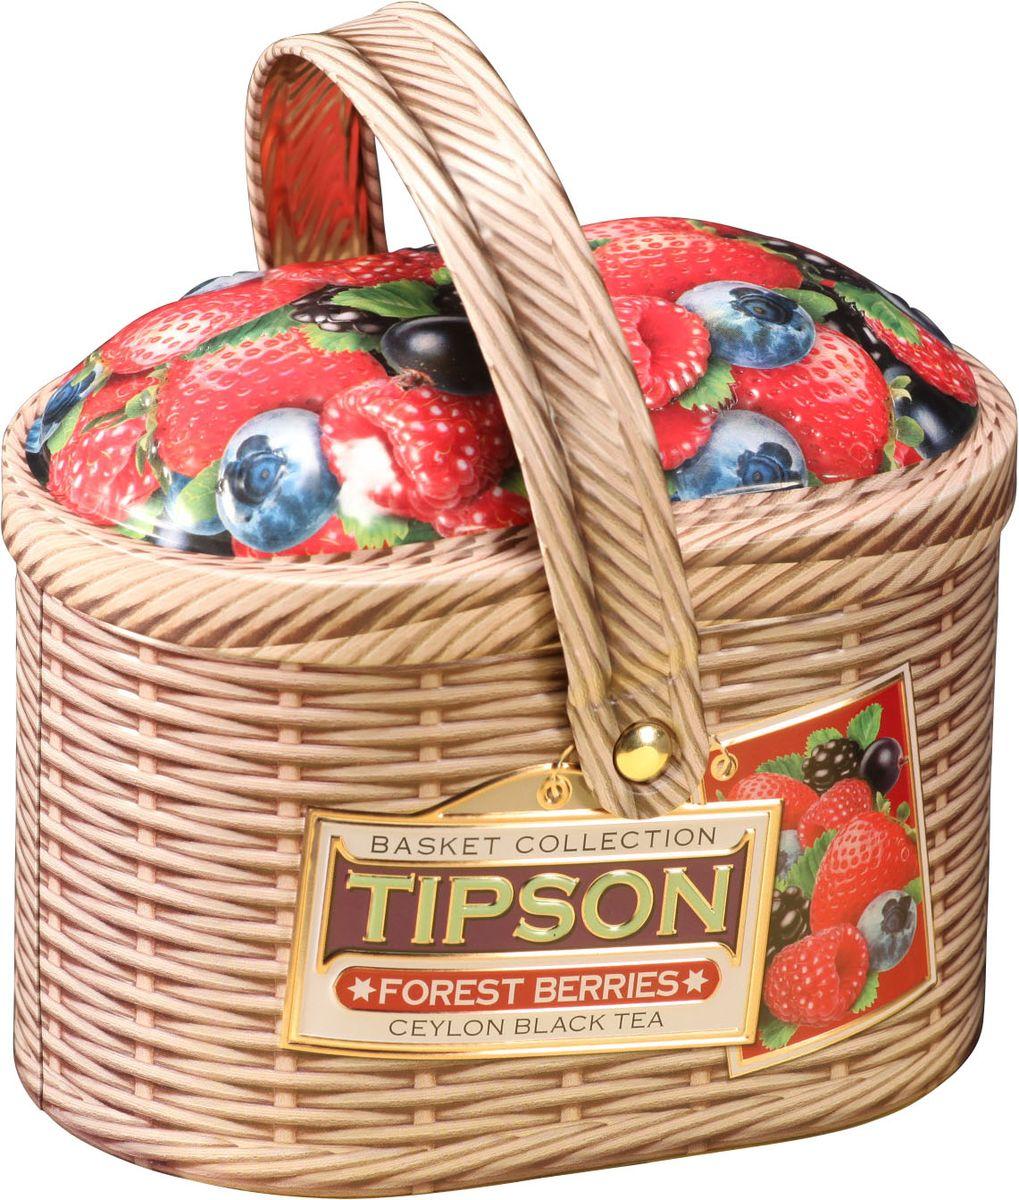 Tipson Basket-Forest Berries чай черный листовой с кусочками клубники, яблока и вишни, 80 г80127-00Чай чёрный цейлонский байховый листовой с кусочками клубники и яблока, лепестками василька и ароматами вишни и ванили.